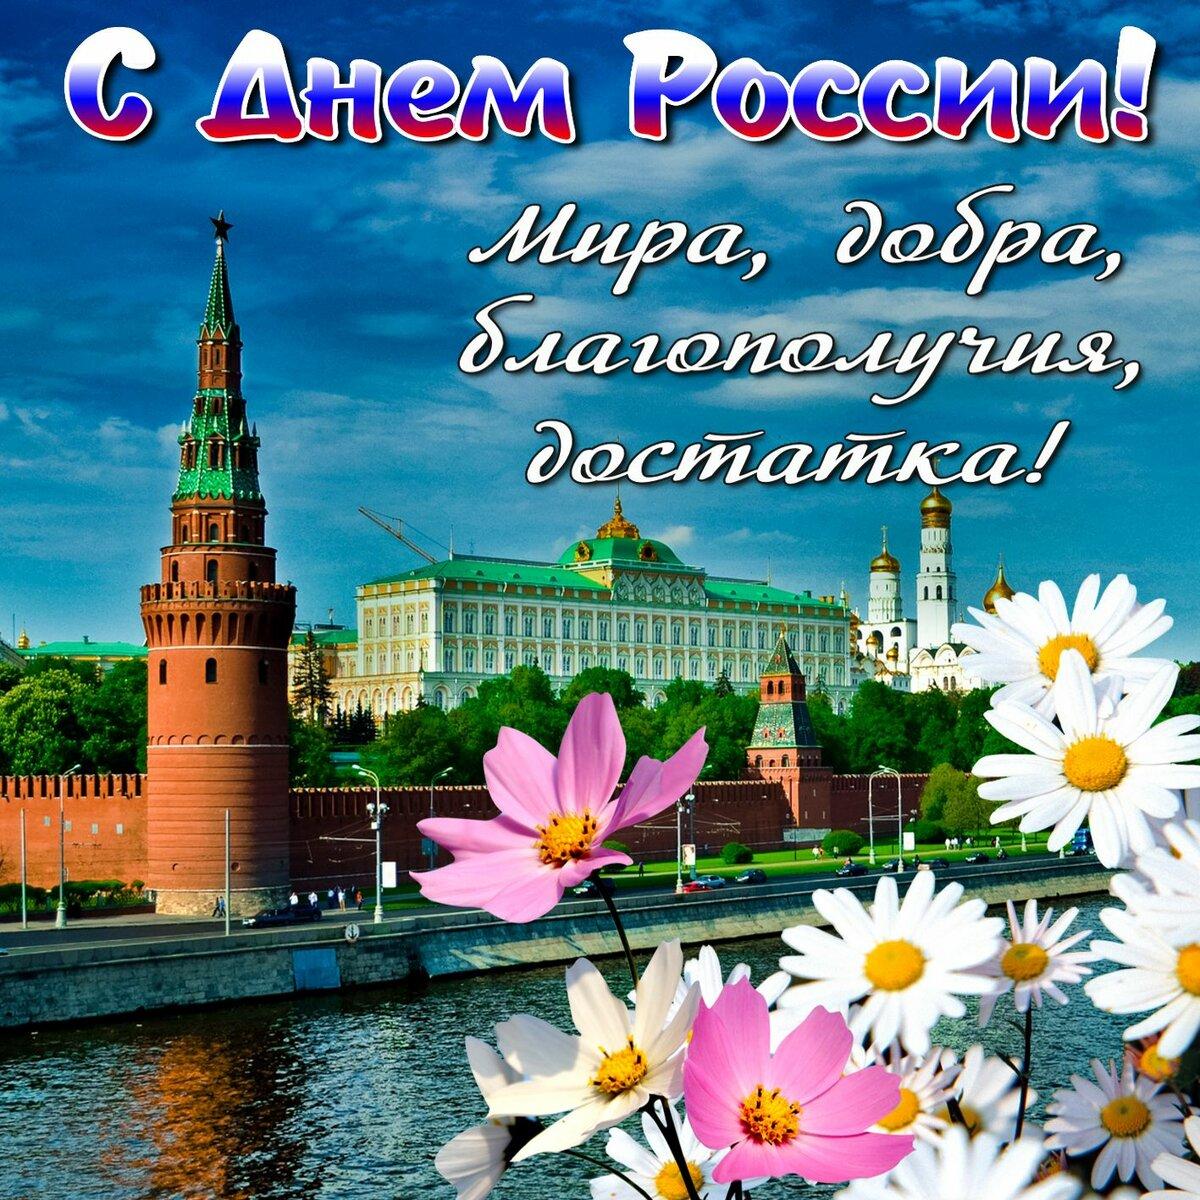 Картинка с днем россии 12 июня 2019